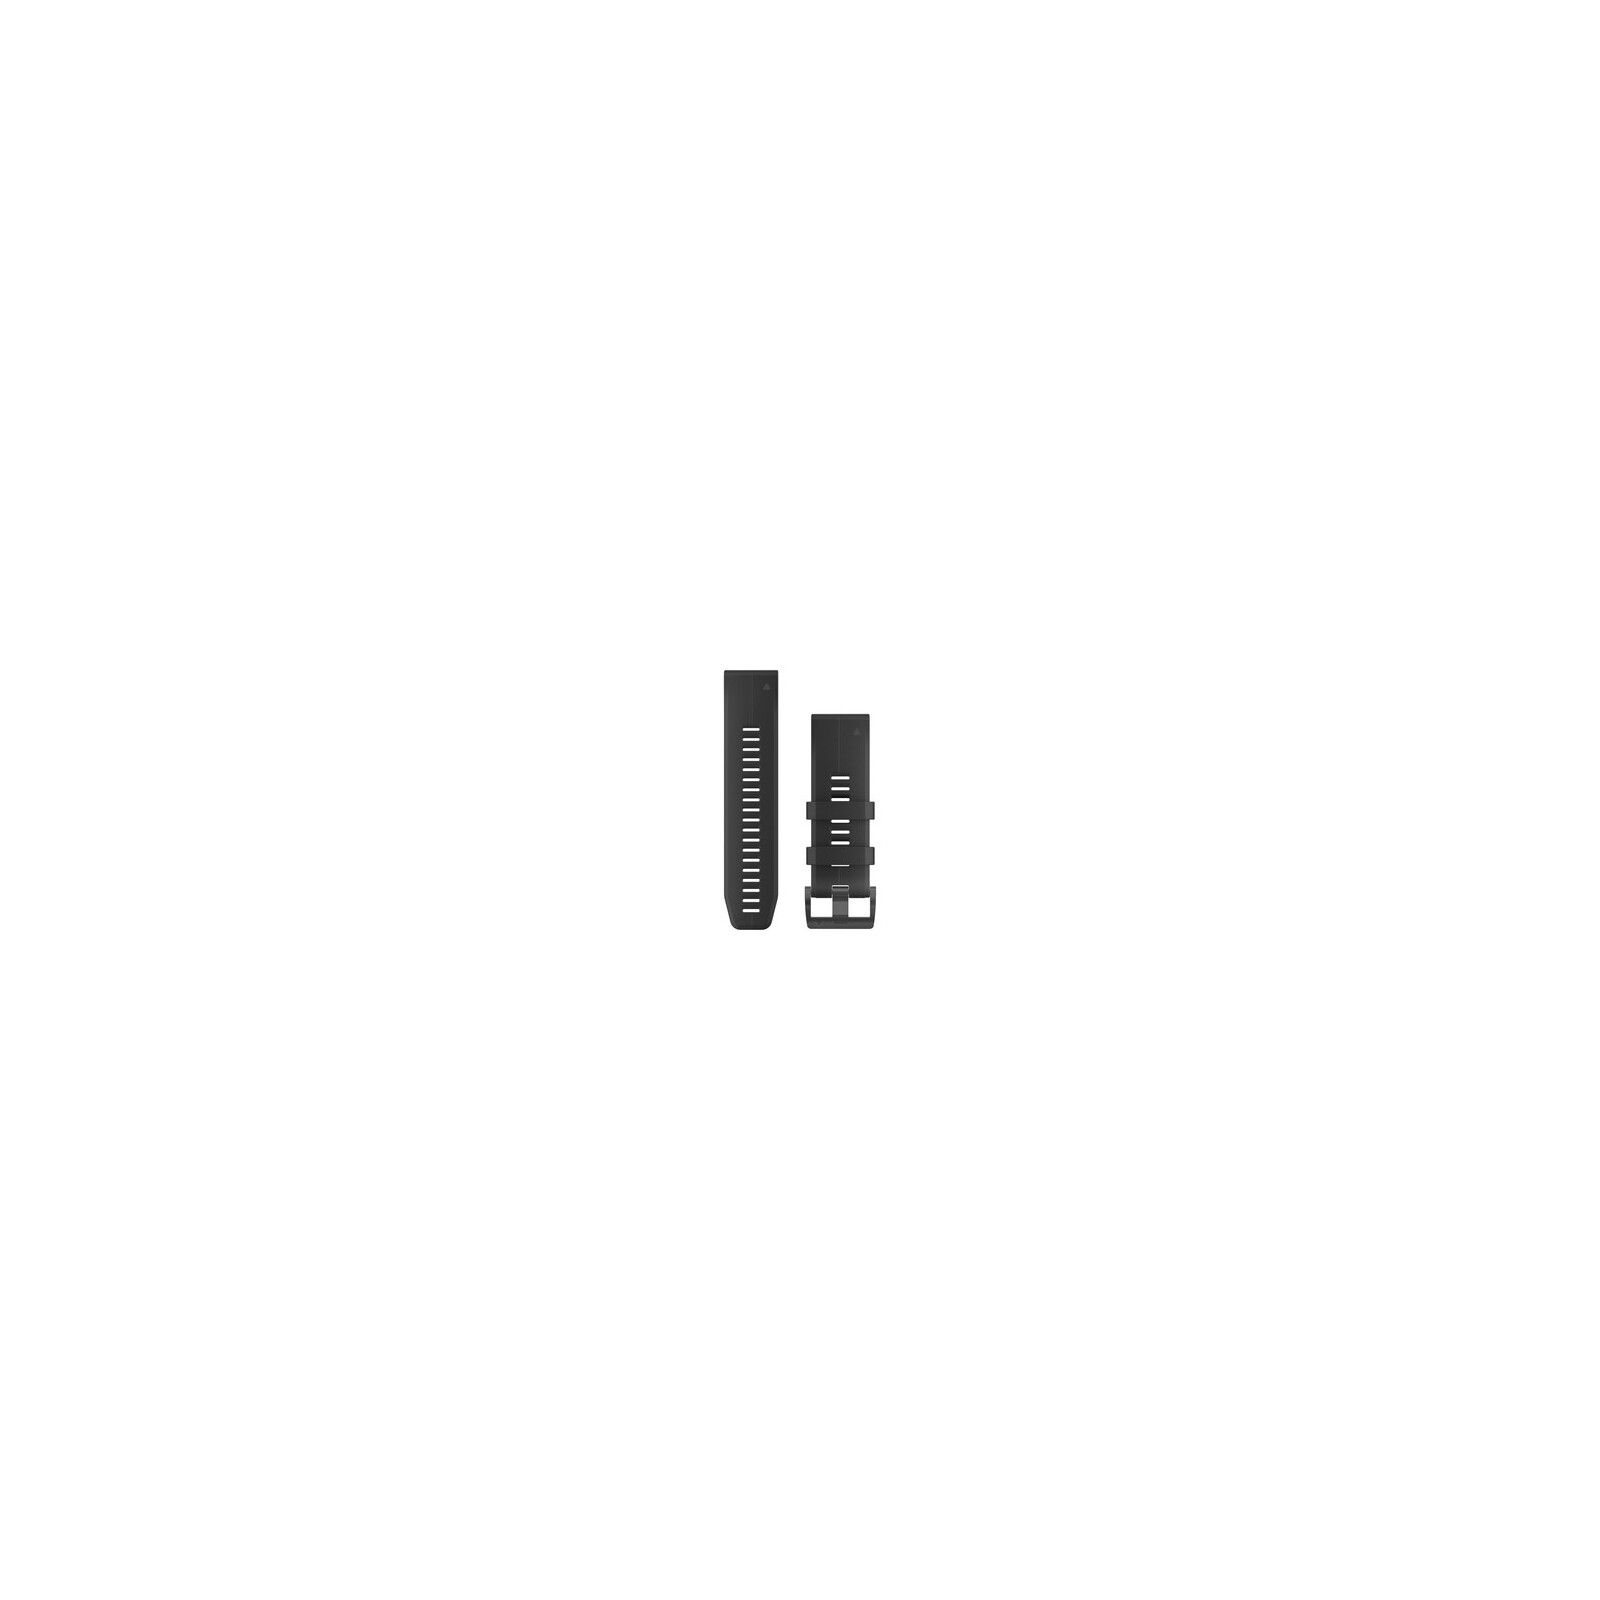 Garmin Fenix 6X Pro inkl. Ersatzarmband Silikon schwarz